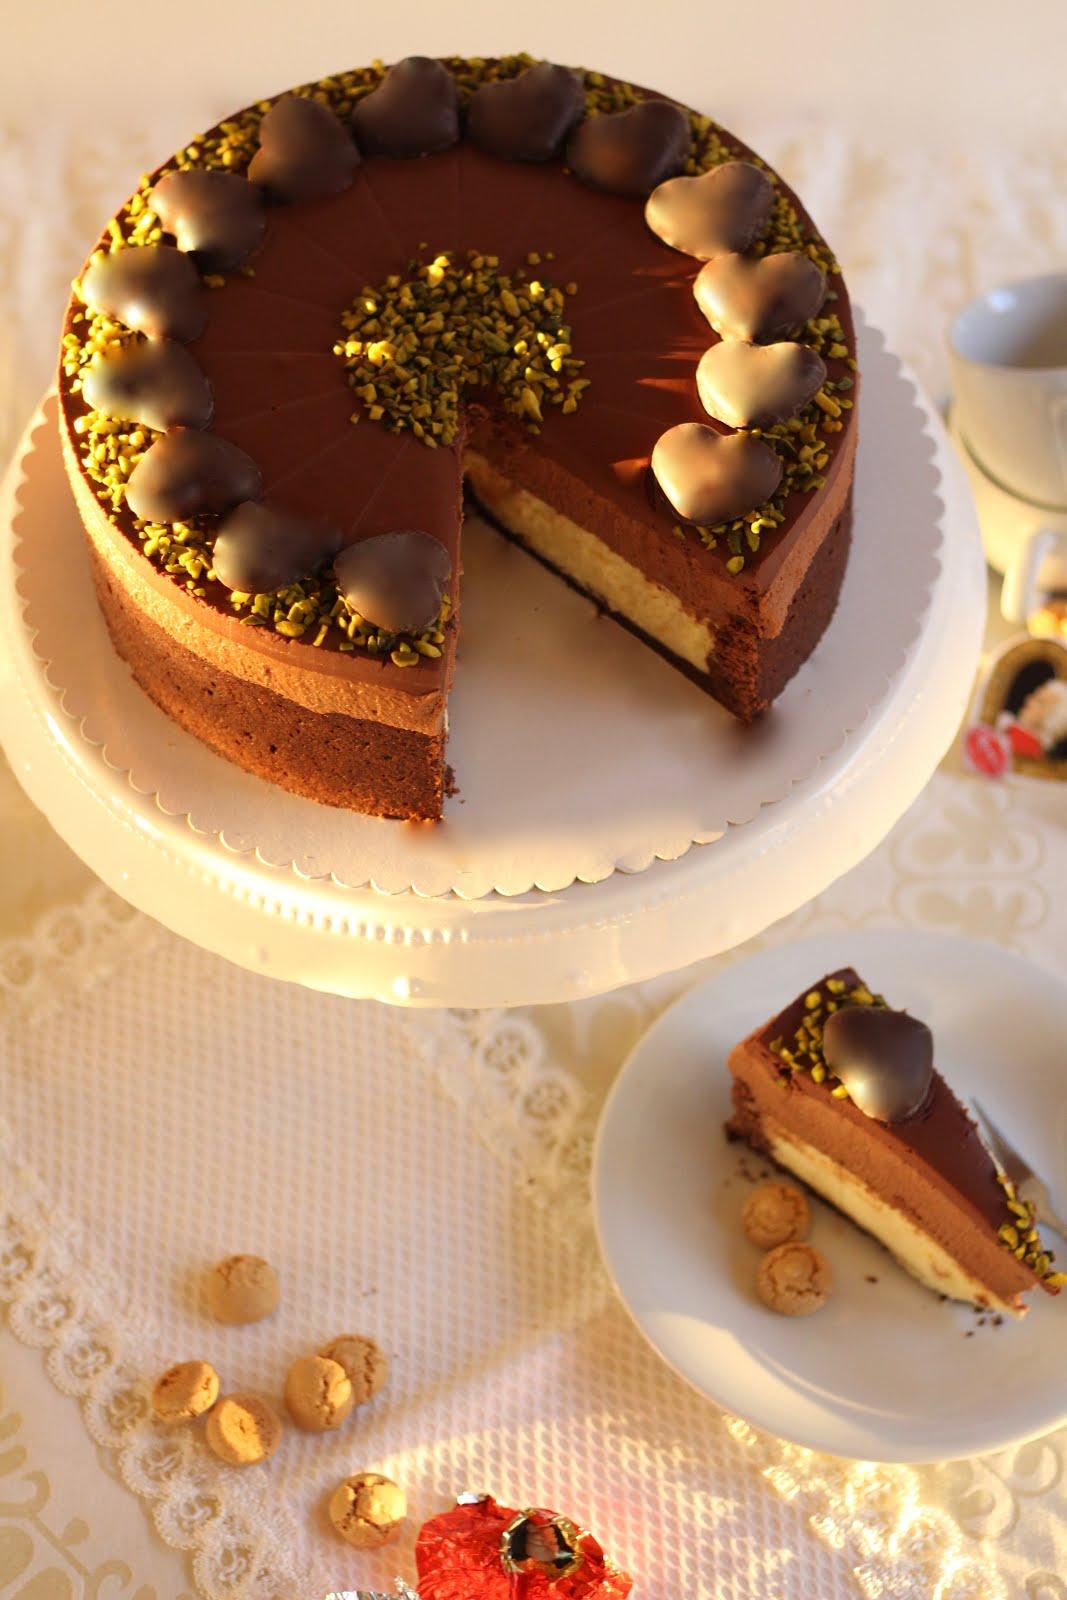 Unwiderstehliche Mozart-Torte mit Nougat-Sahne und Marzipan-Quark-Creme | Rezept und Video von Sugarprincess